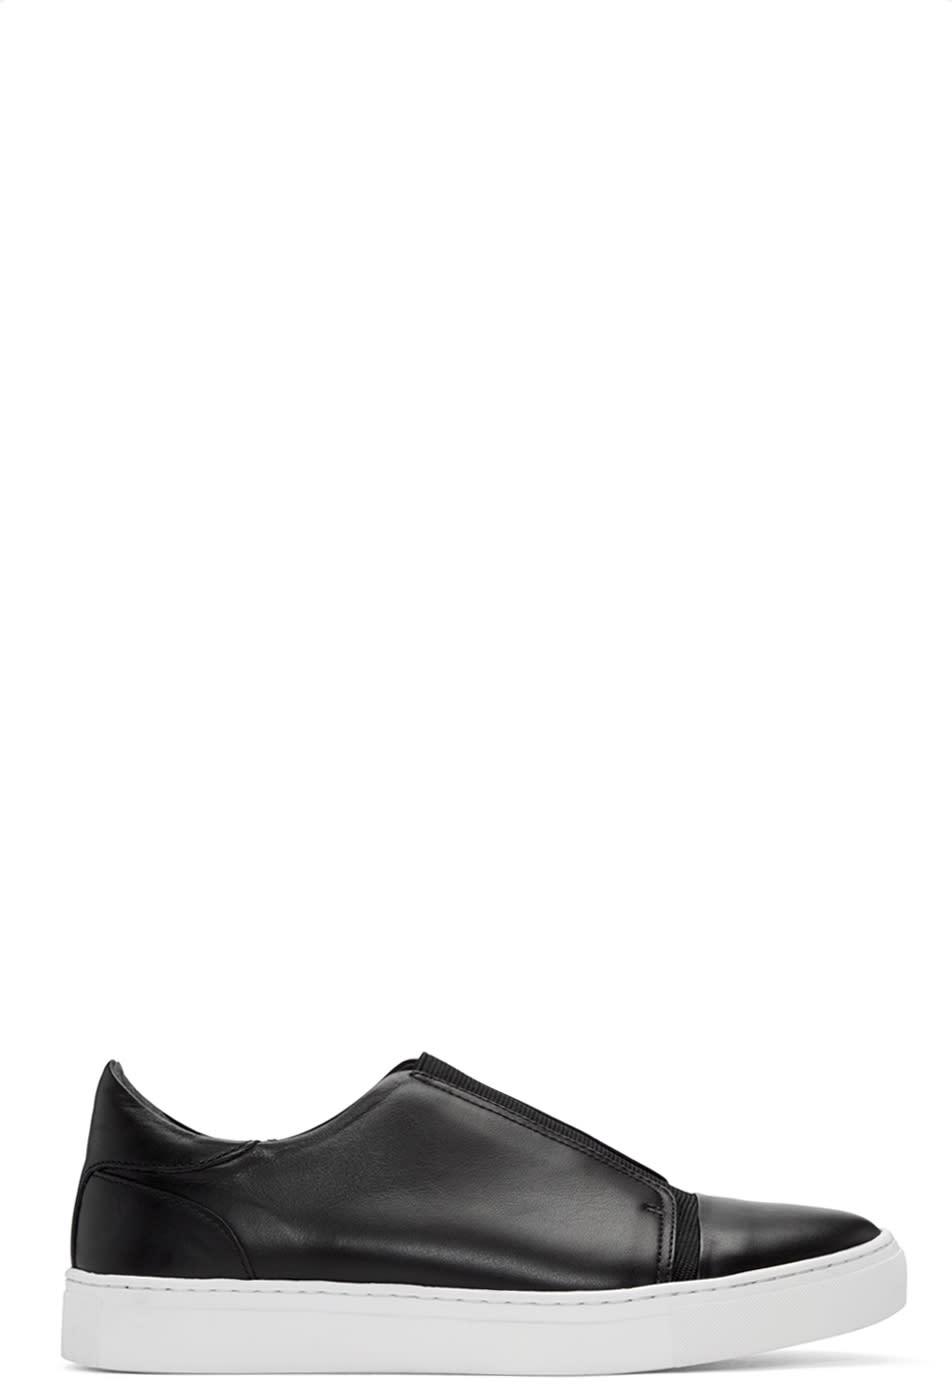 Issey Miyake Men Black Leather Slip-on Sneakers